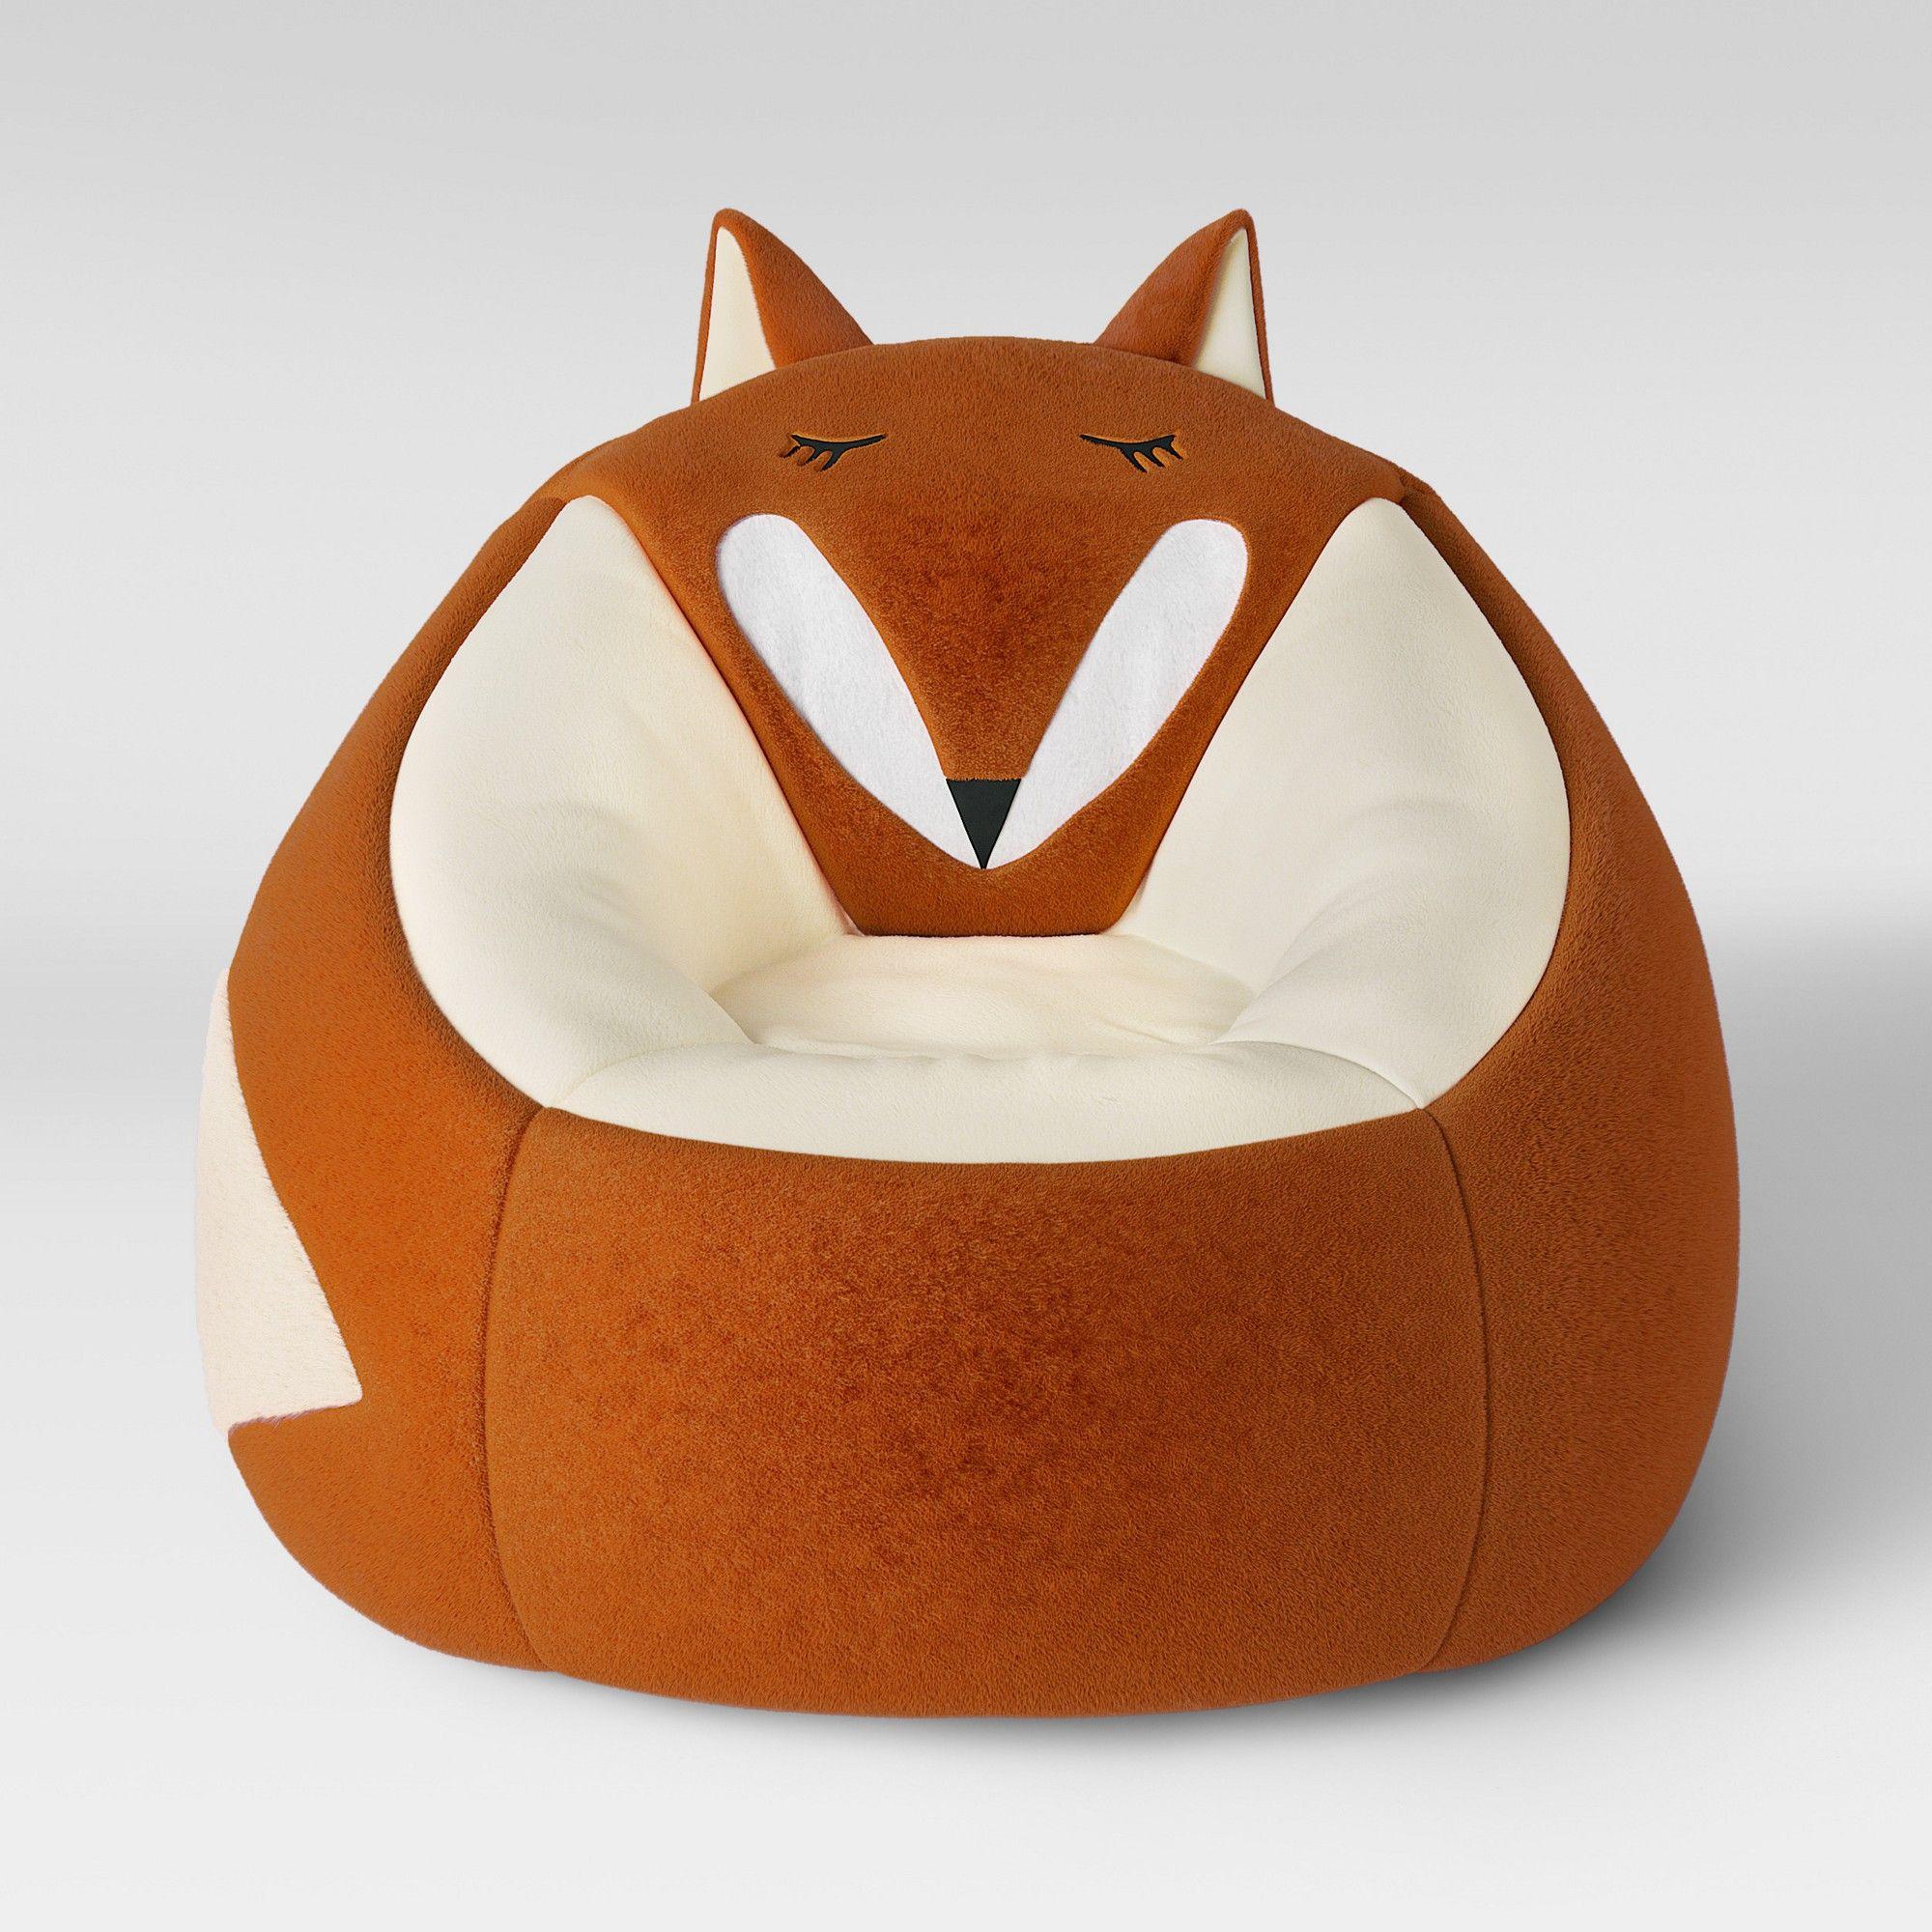 Super Character Bean Bag Chair Orange Fox Pillowfort In 2019 Machost Co Dining Chair Design Ideas Machostcouk